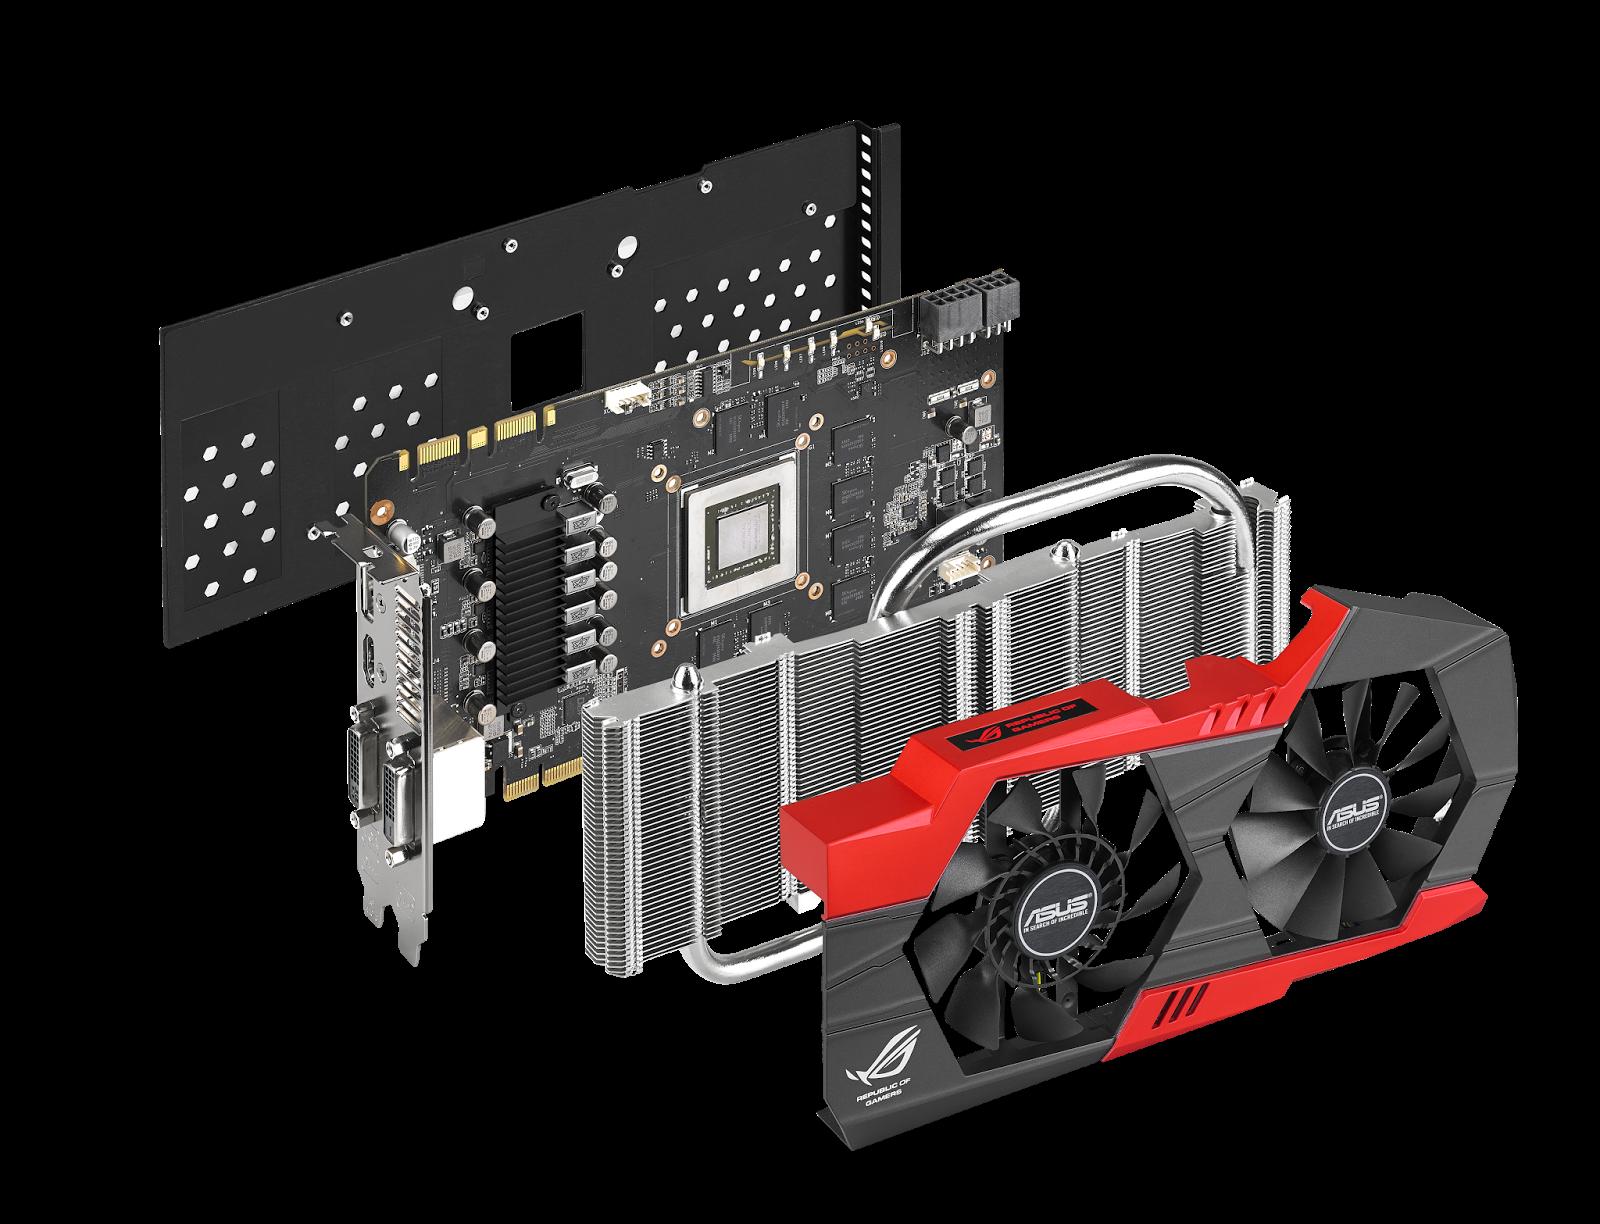 ASUS Republic of Gamers Announces Striker GTX 760 Platinum Gaming Graphics Card 3